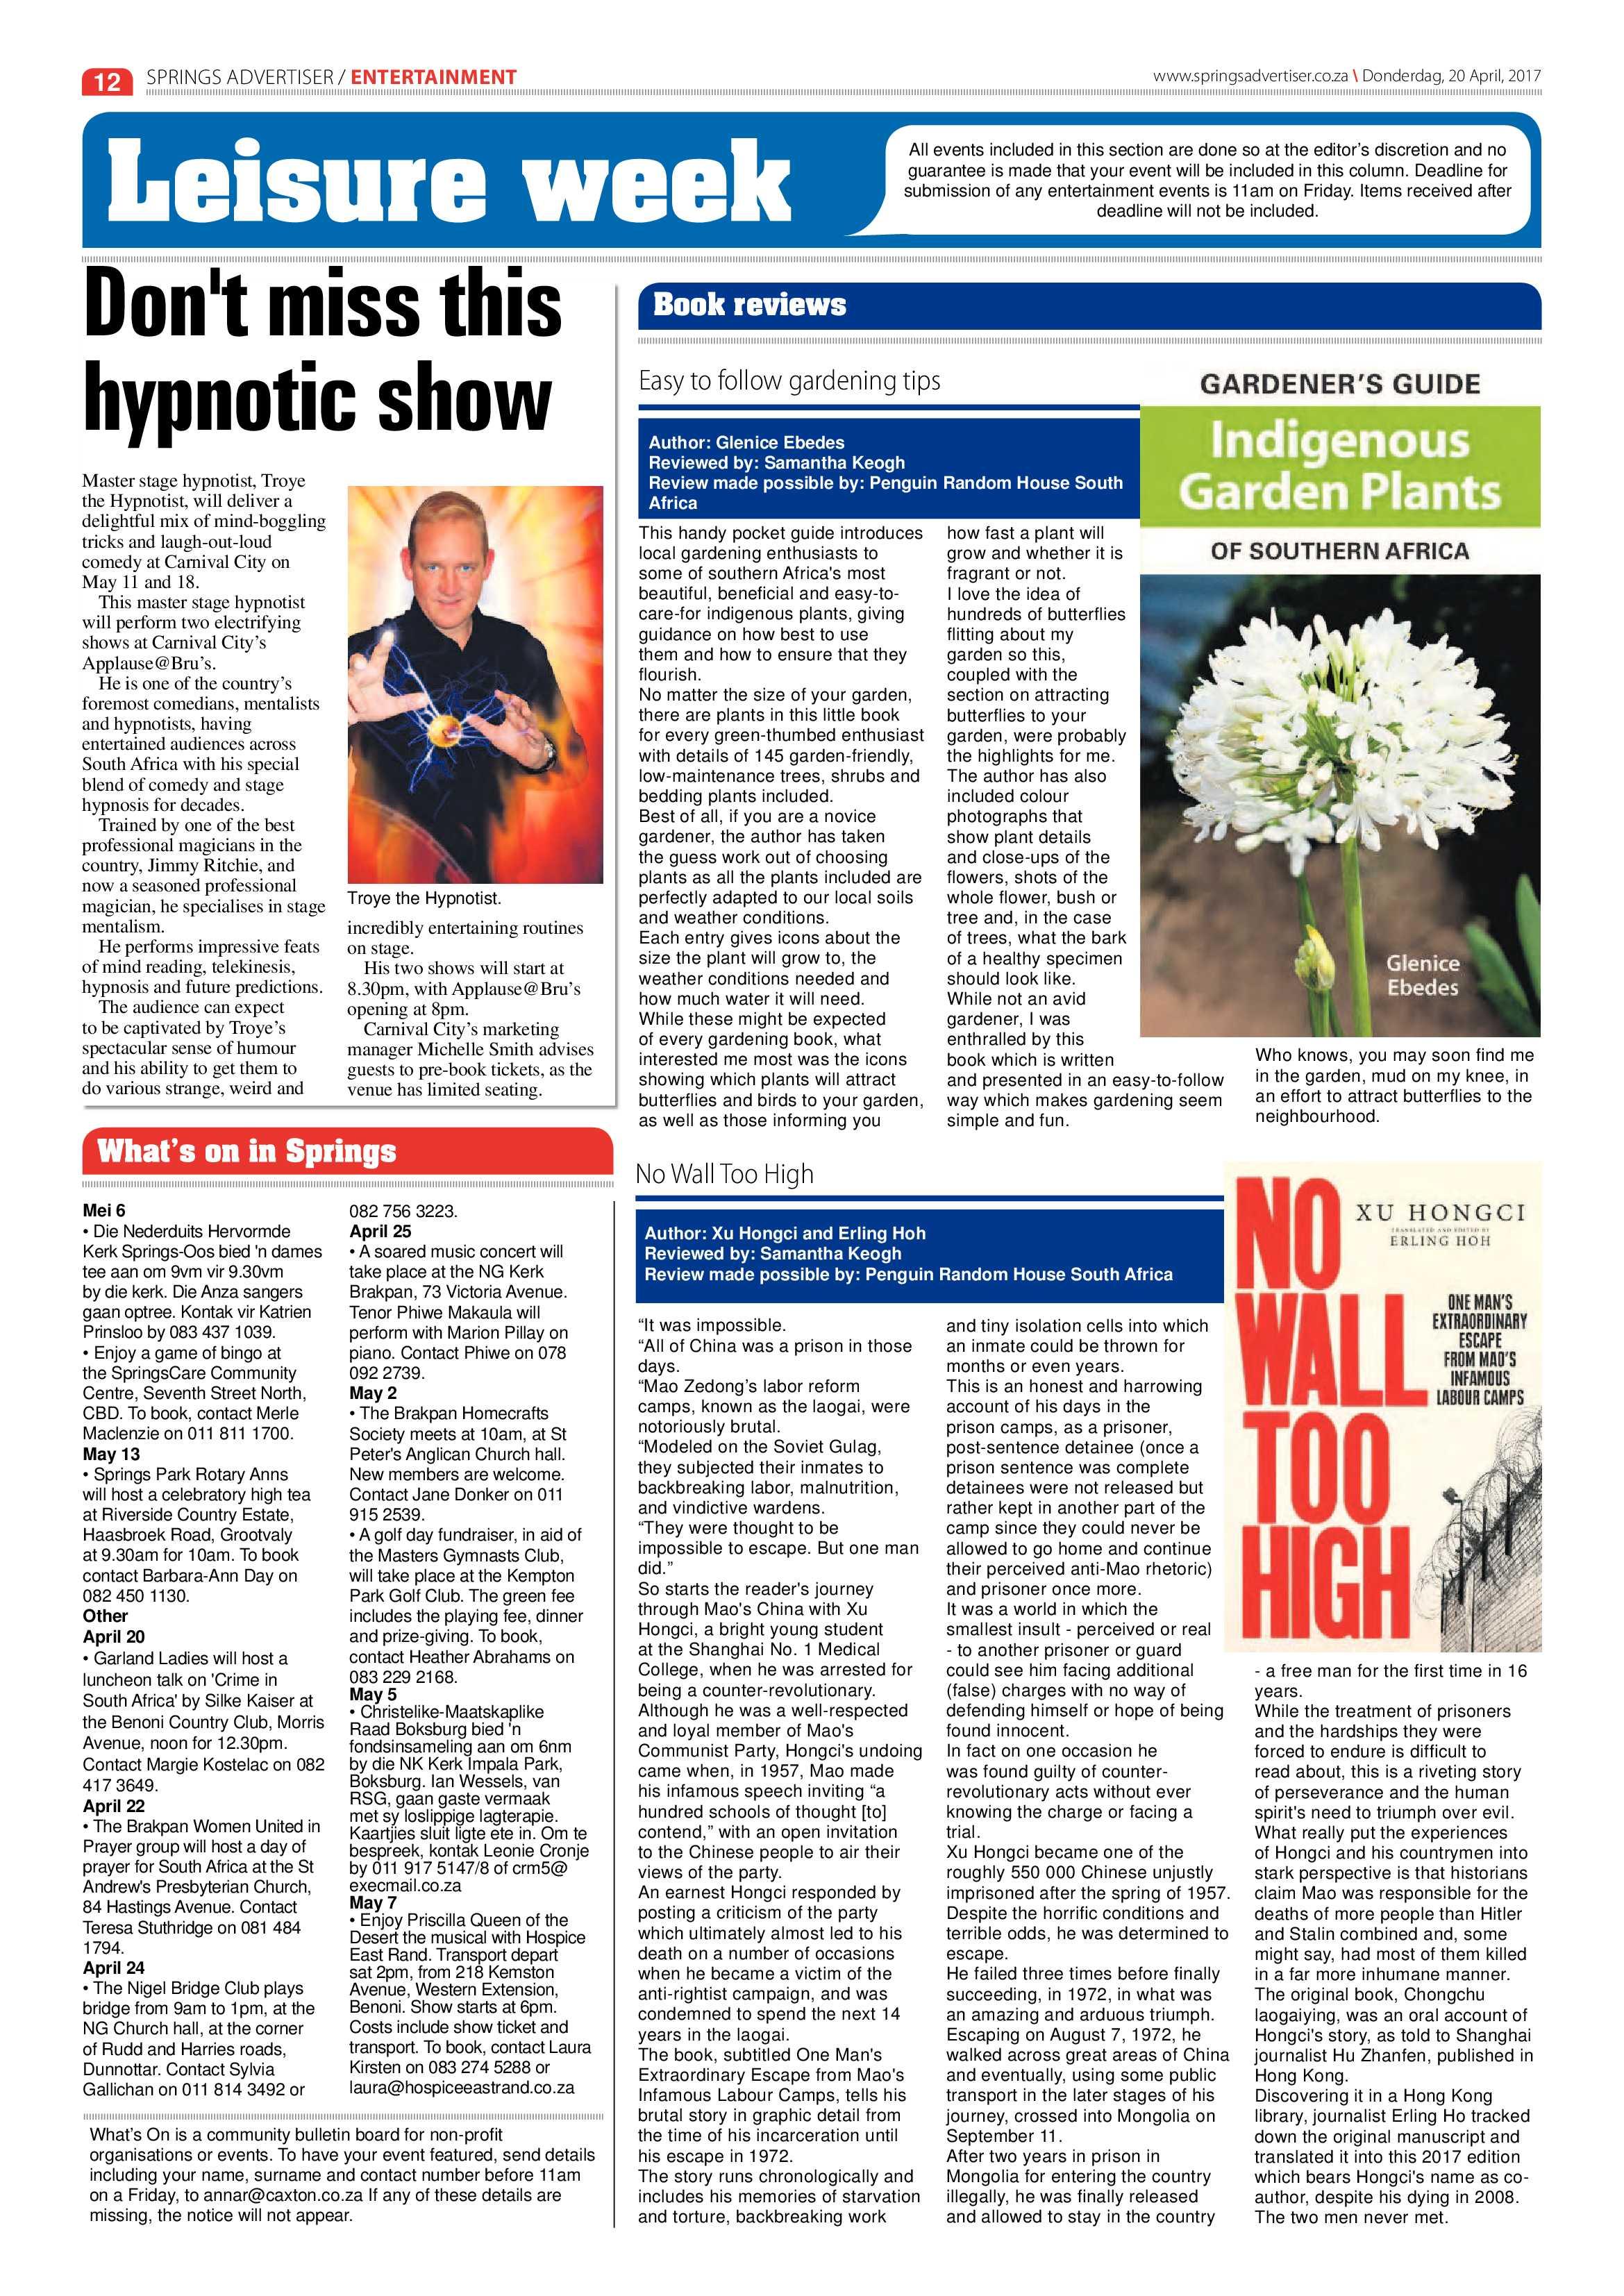 springs-advertiser-2-april-2017-epapers-page-12